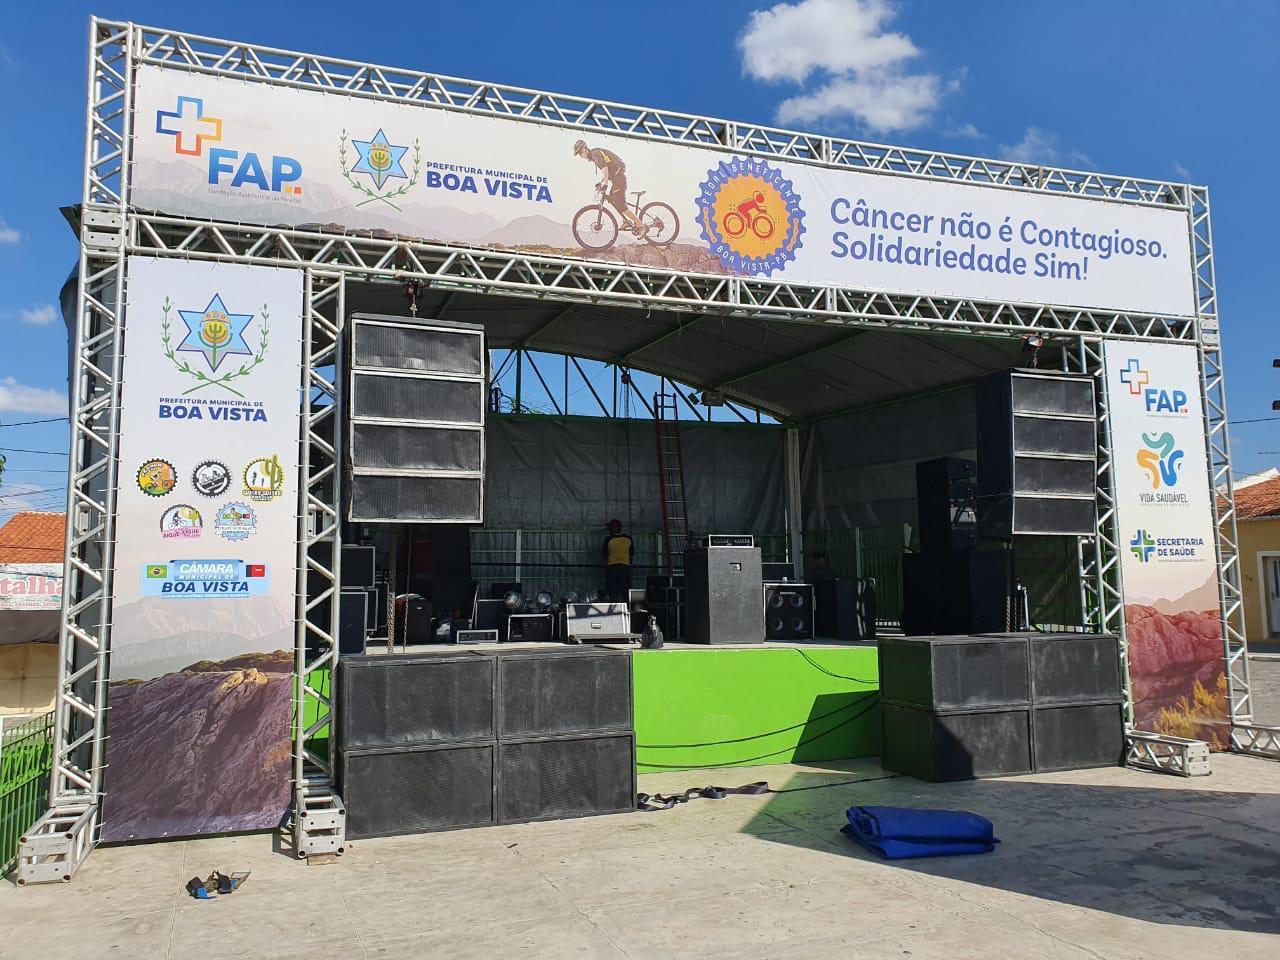 WhatsApp Image 2019 11 16 at 17.01.30 - I Pedal Beneficente em prol do Hospital da FAP em Boa Vista acontece neste domingo e conta com show do cantor Felipe Warley - VEJA VÍDEO